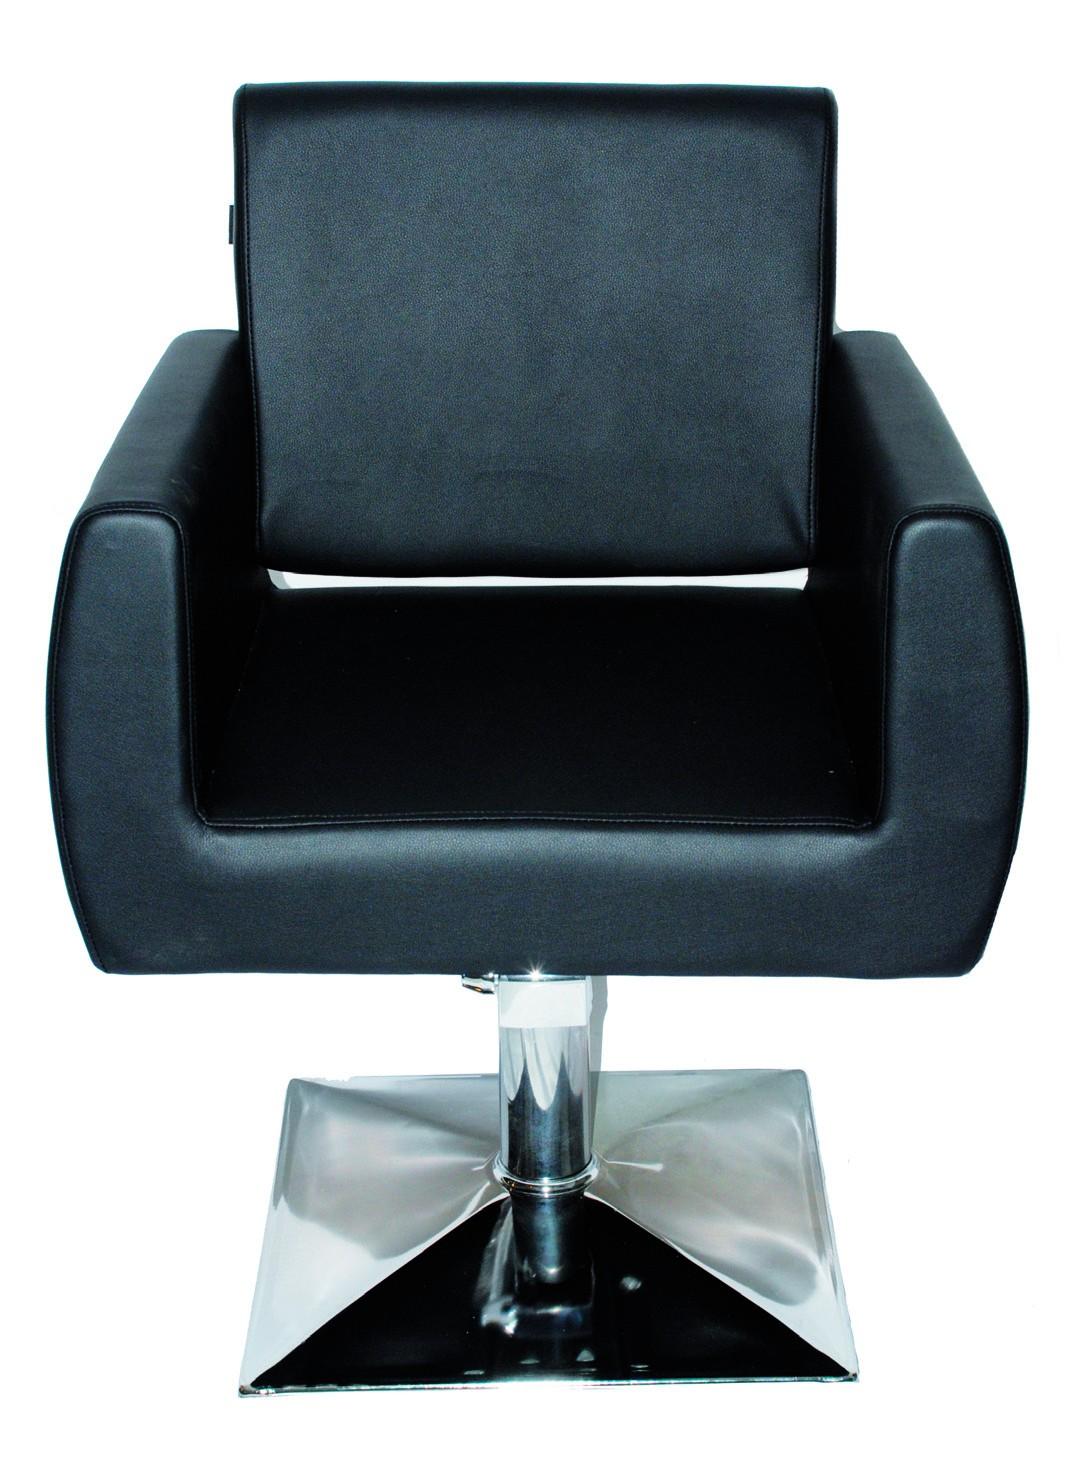 """כיסא לקוח הידראולי דגם 6326. אבוכנה גבוהה. אחריות שנתיים על הבוכנה. מחיר לא כולל מע""""מ ולא כולל הובלה."""